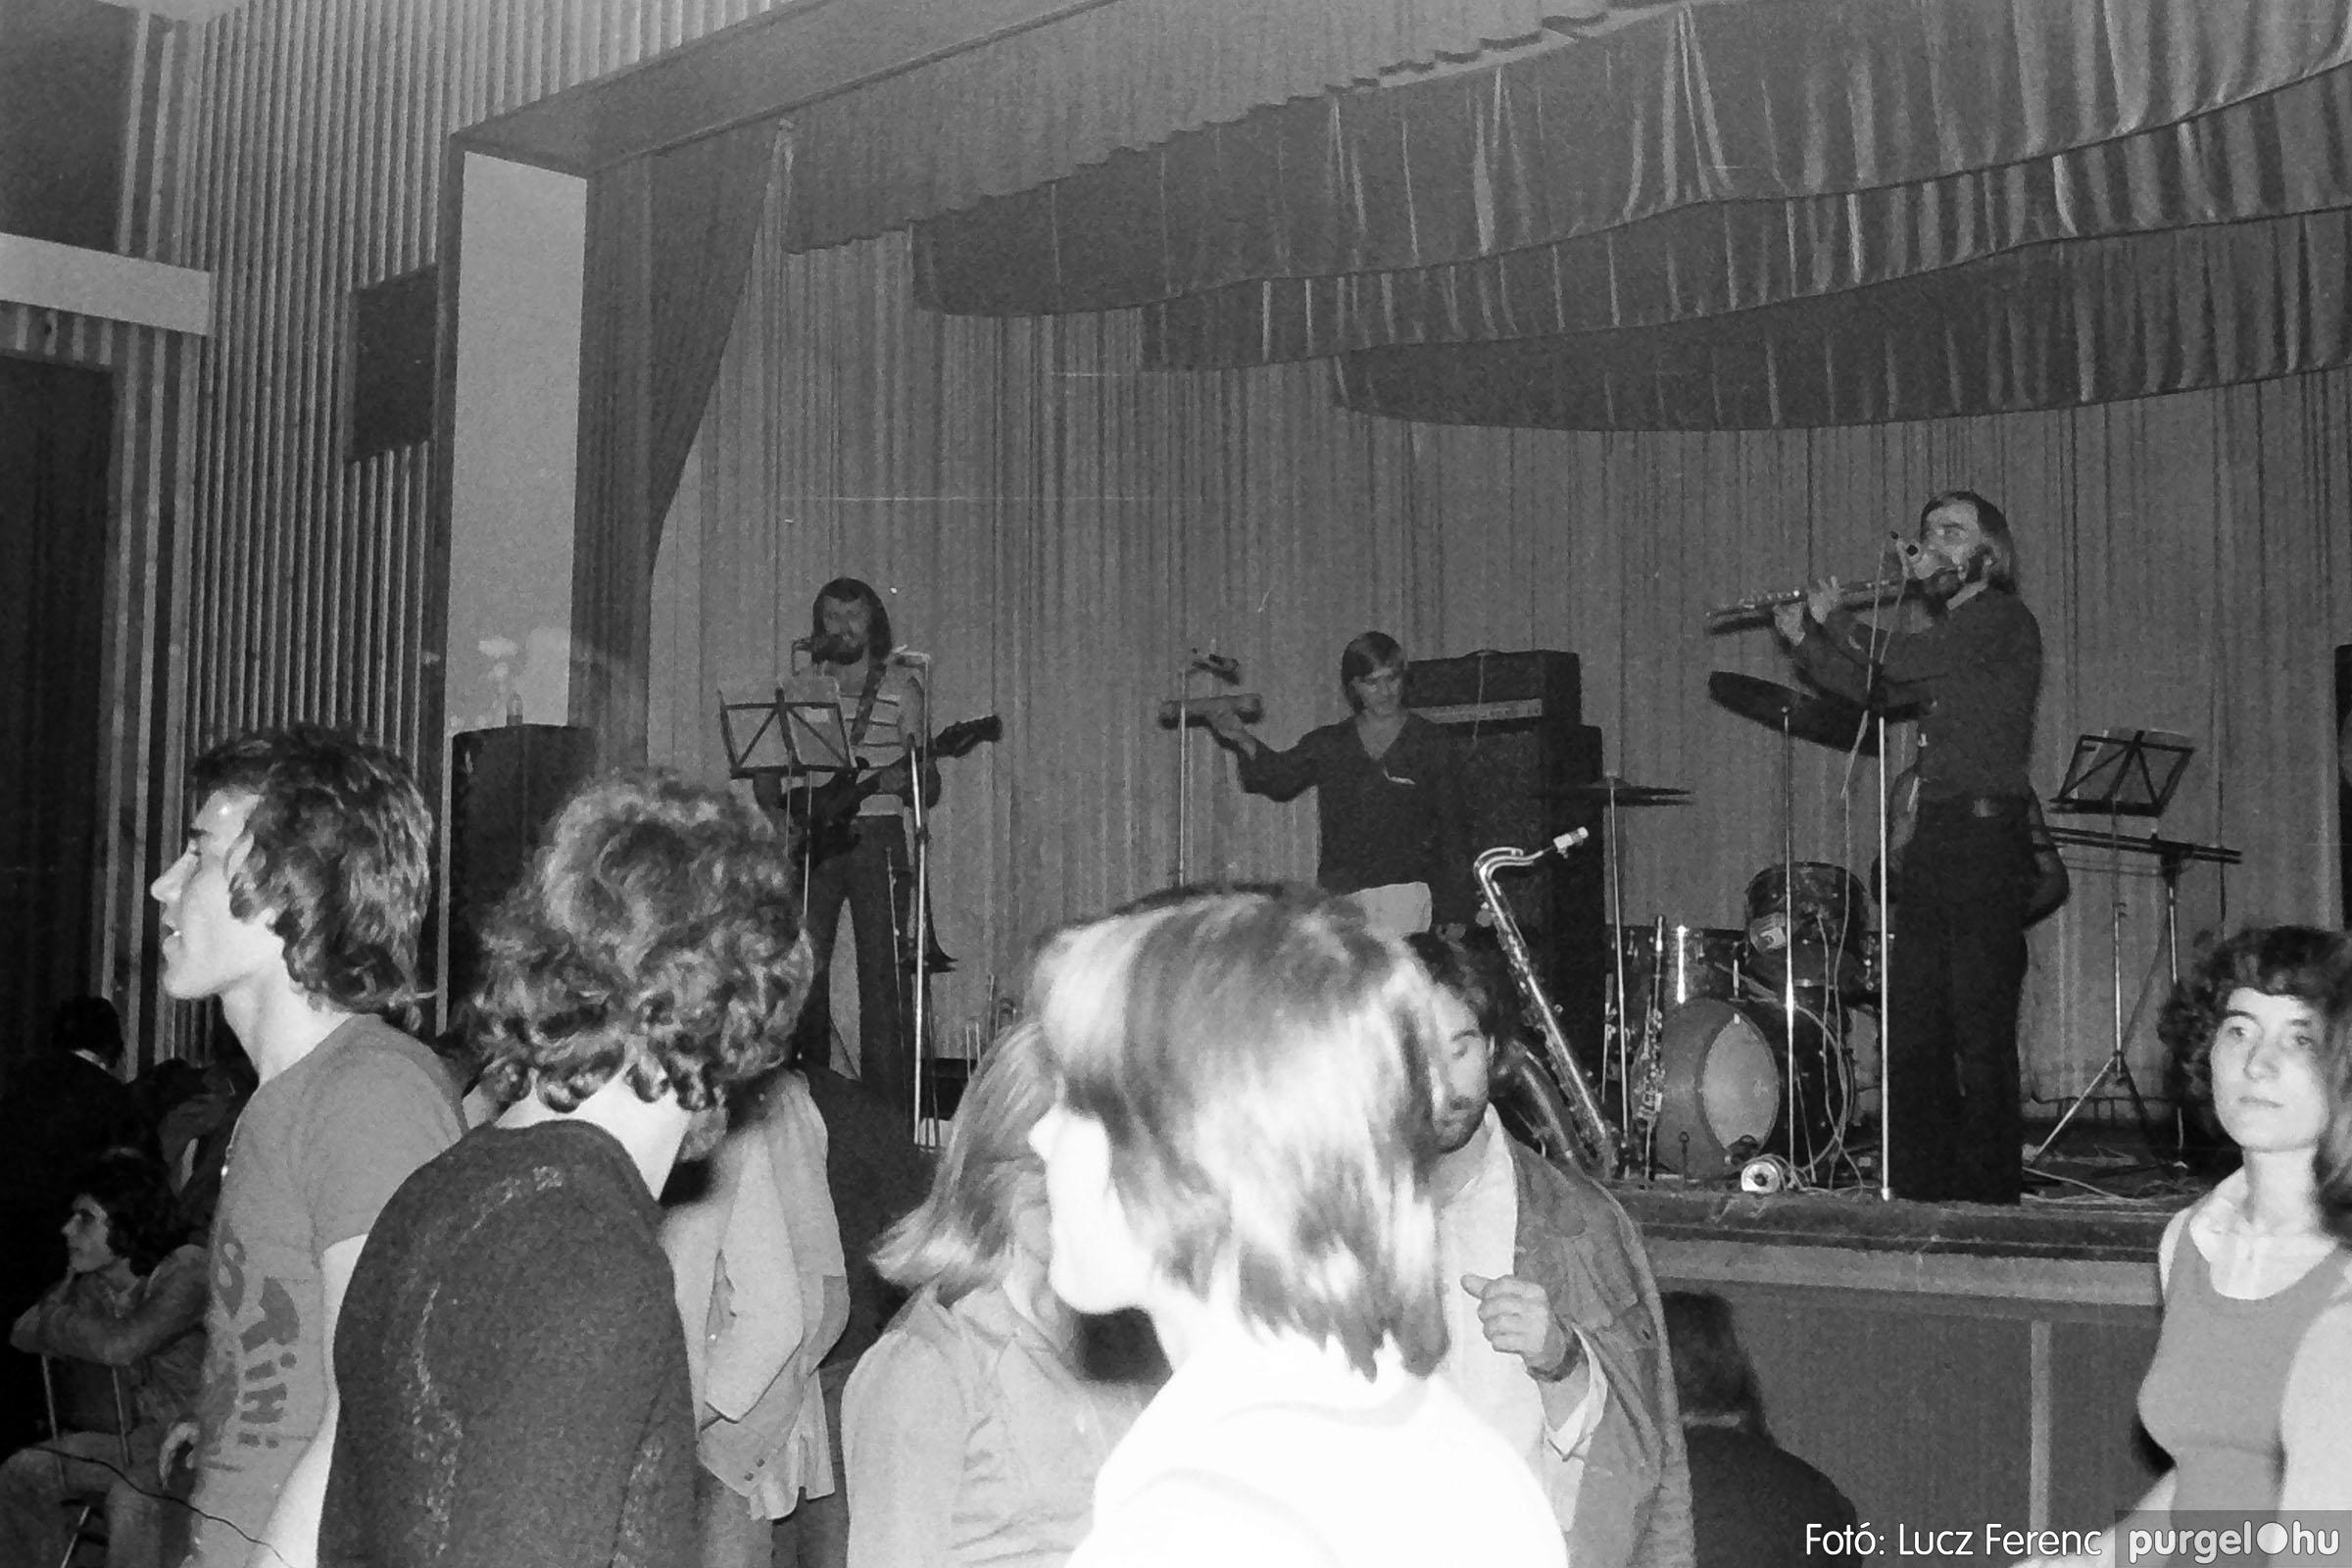 024 1975. A Kvint, az LWH és a Keopsz Együttesek koncertje 008 - Fotó: Lucz Ferenc IMG00186q.jpg